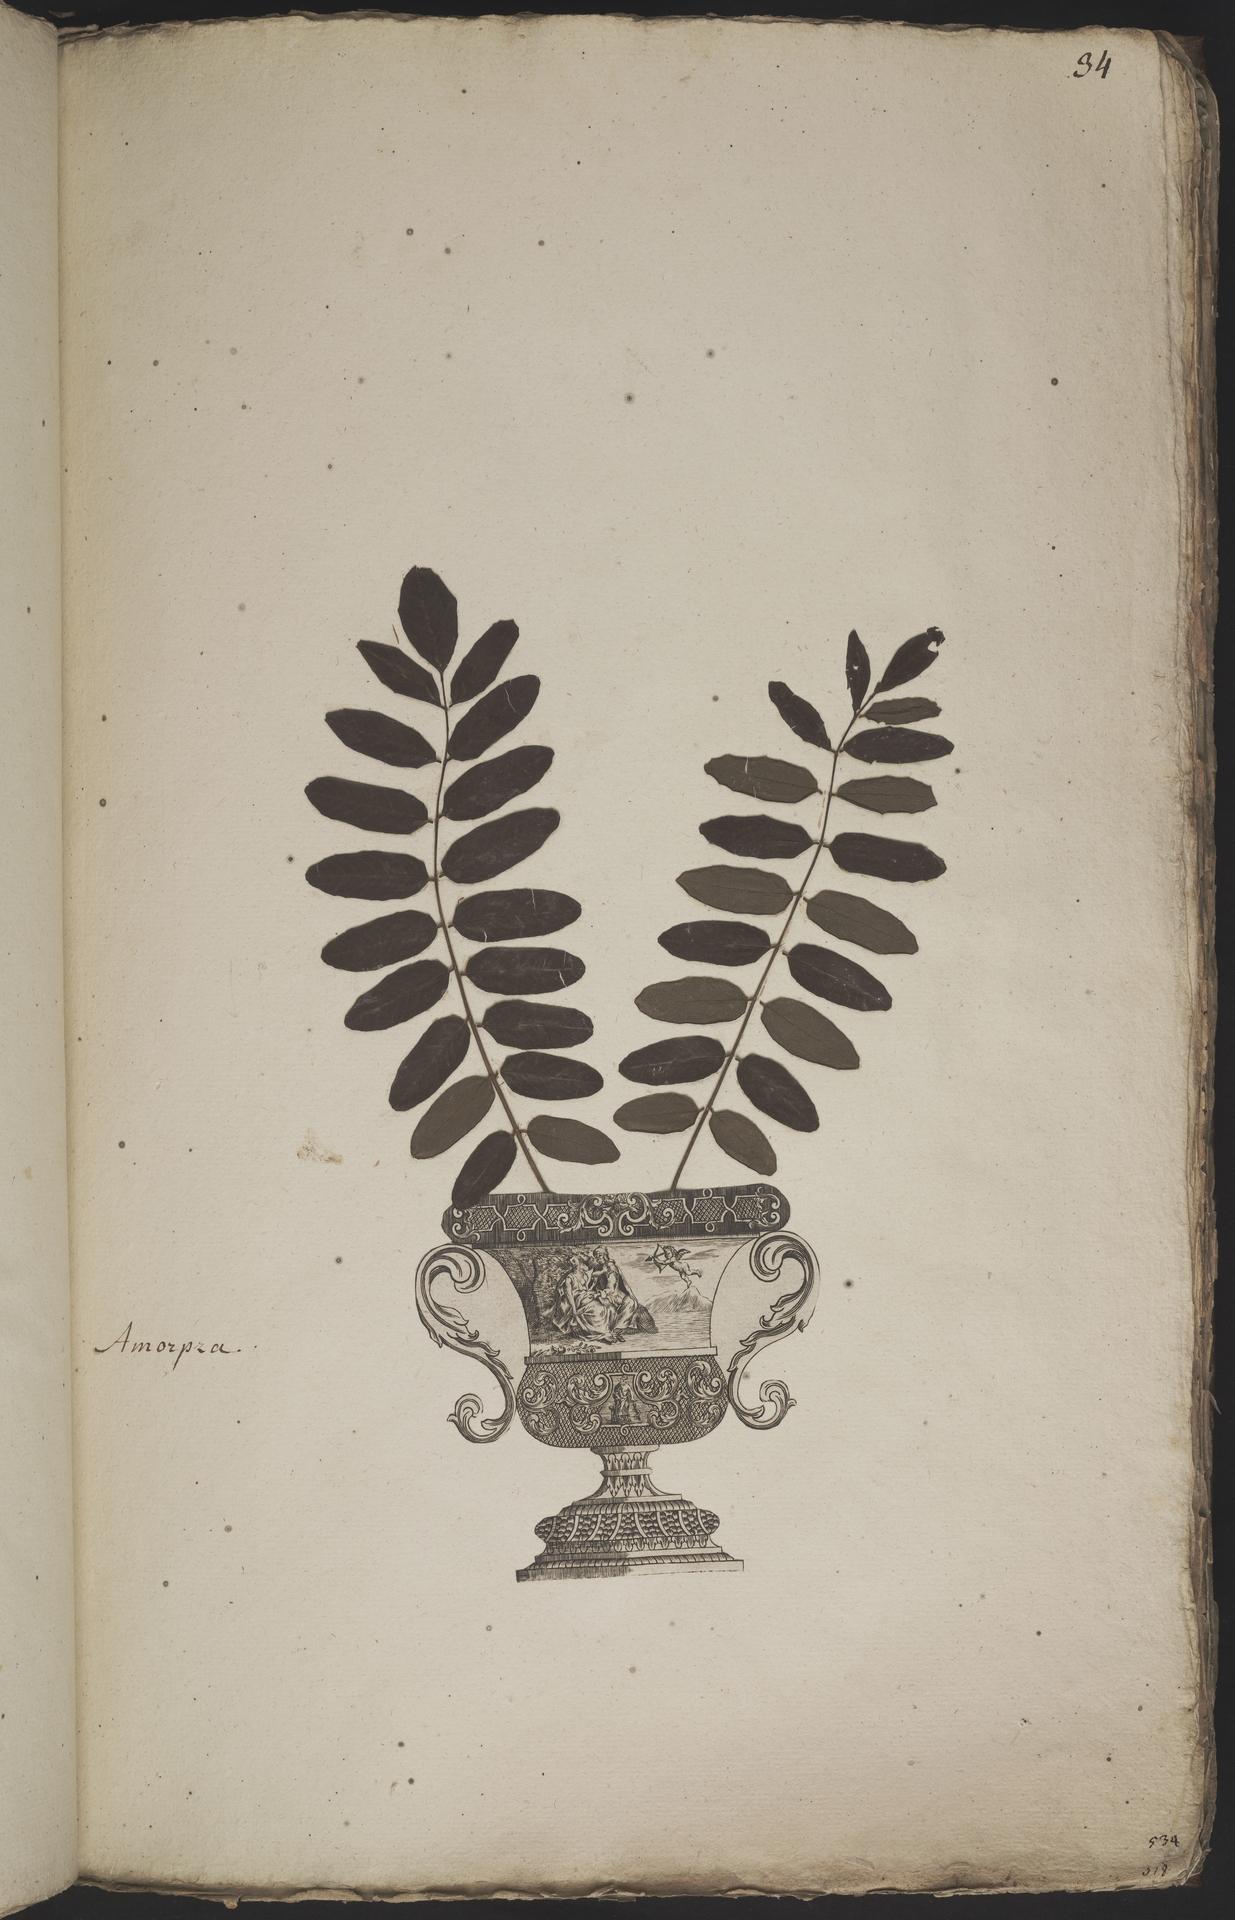 L.3960889 | Amorpha